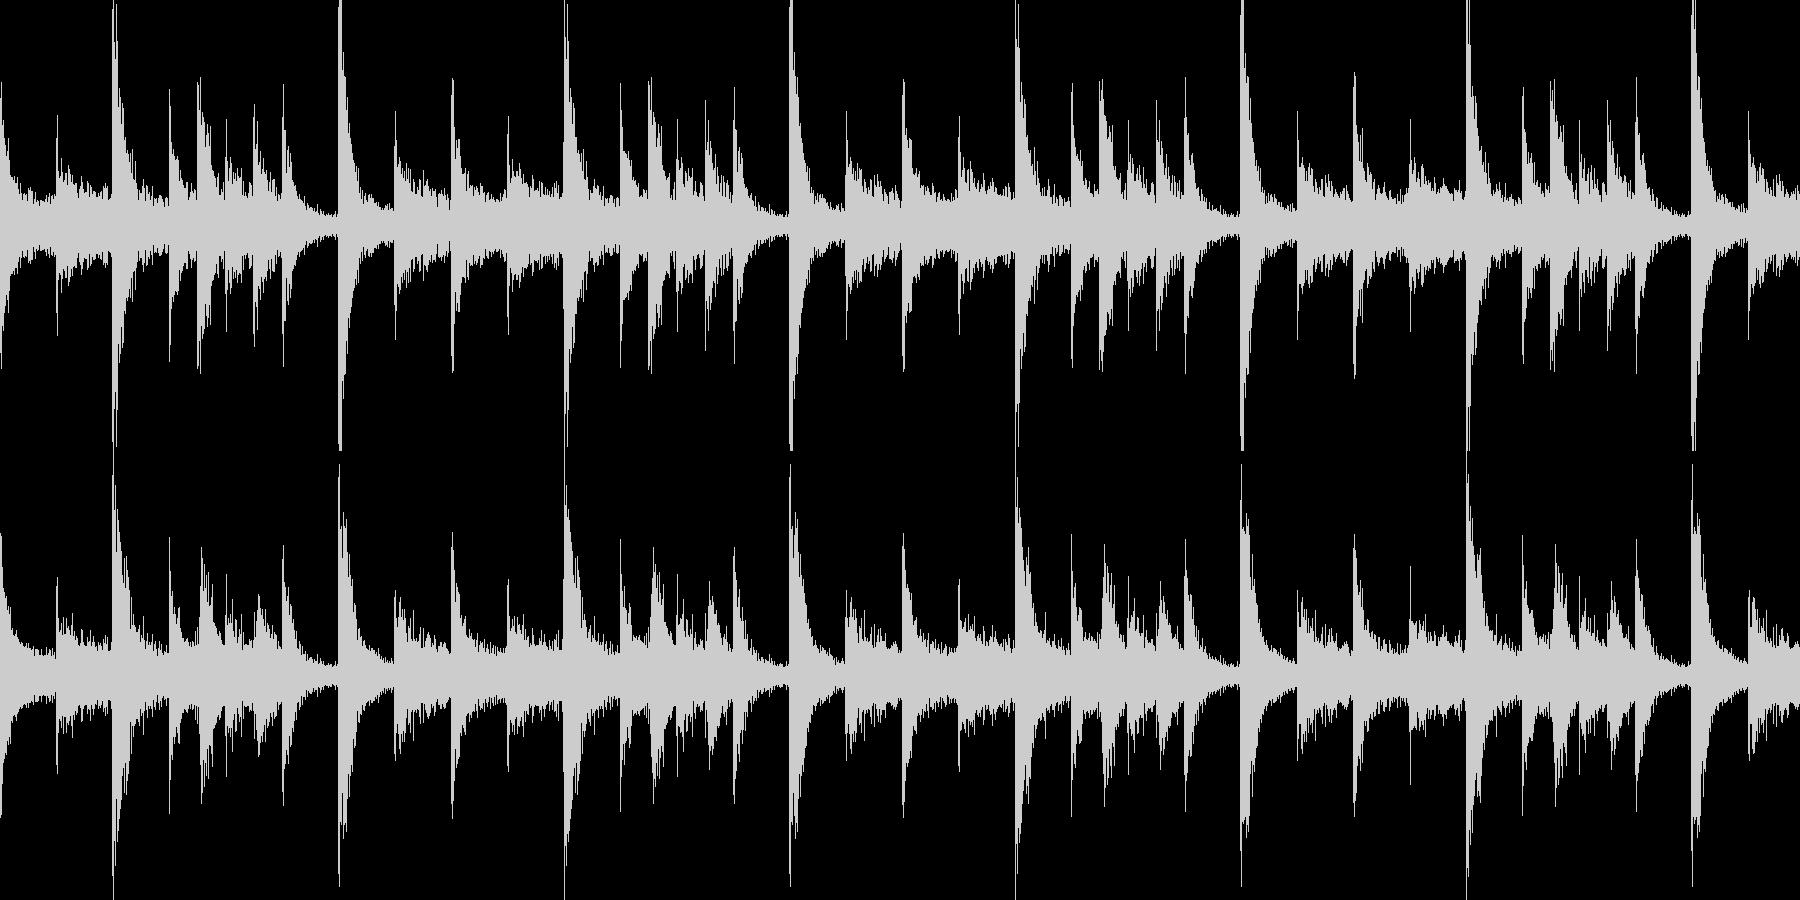 ドラムンベースのリズムループパターン09の未再生の波形